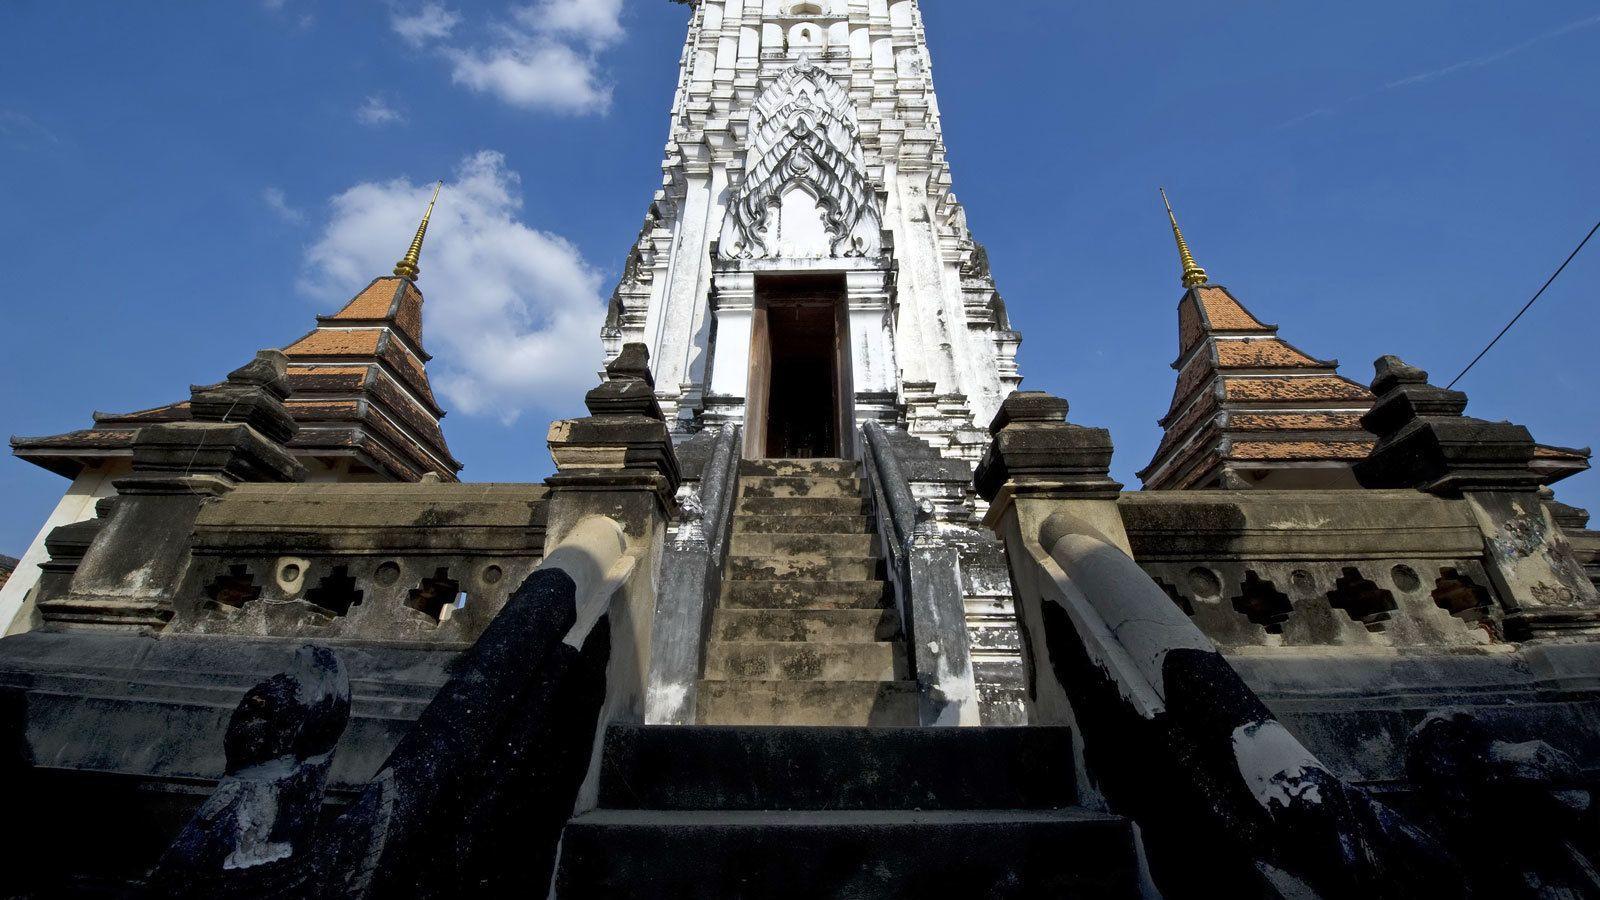 visiting an ancient temple in Bangkok